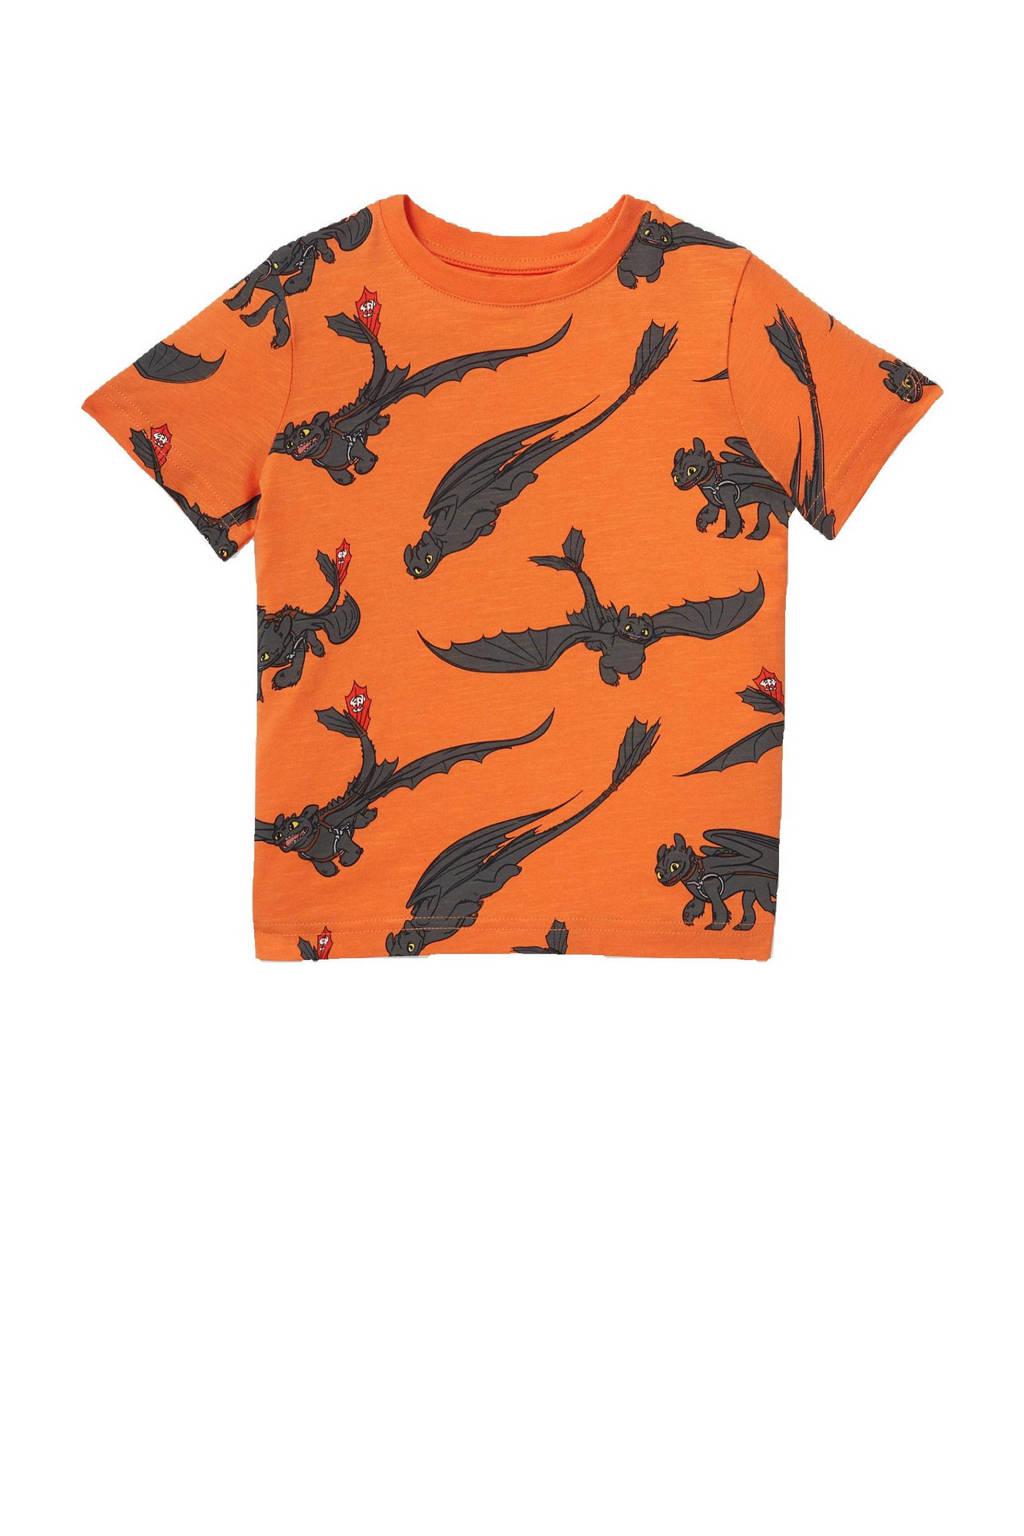 C&A T-shirt van biologisch katoen oranje/antraciet, Oranje/antraciet